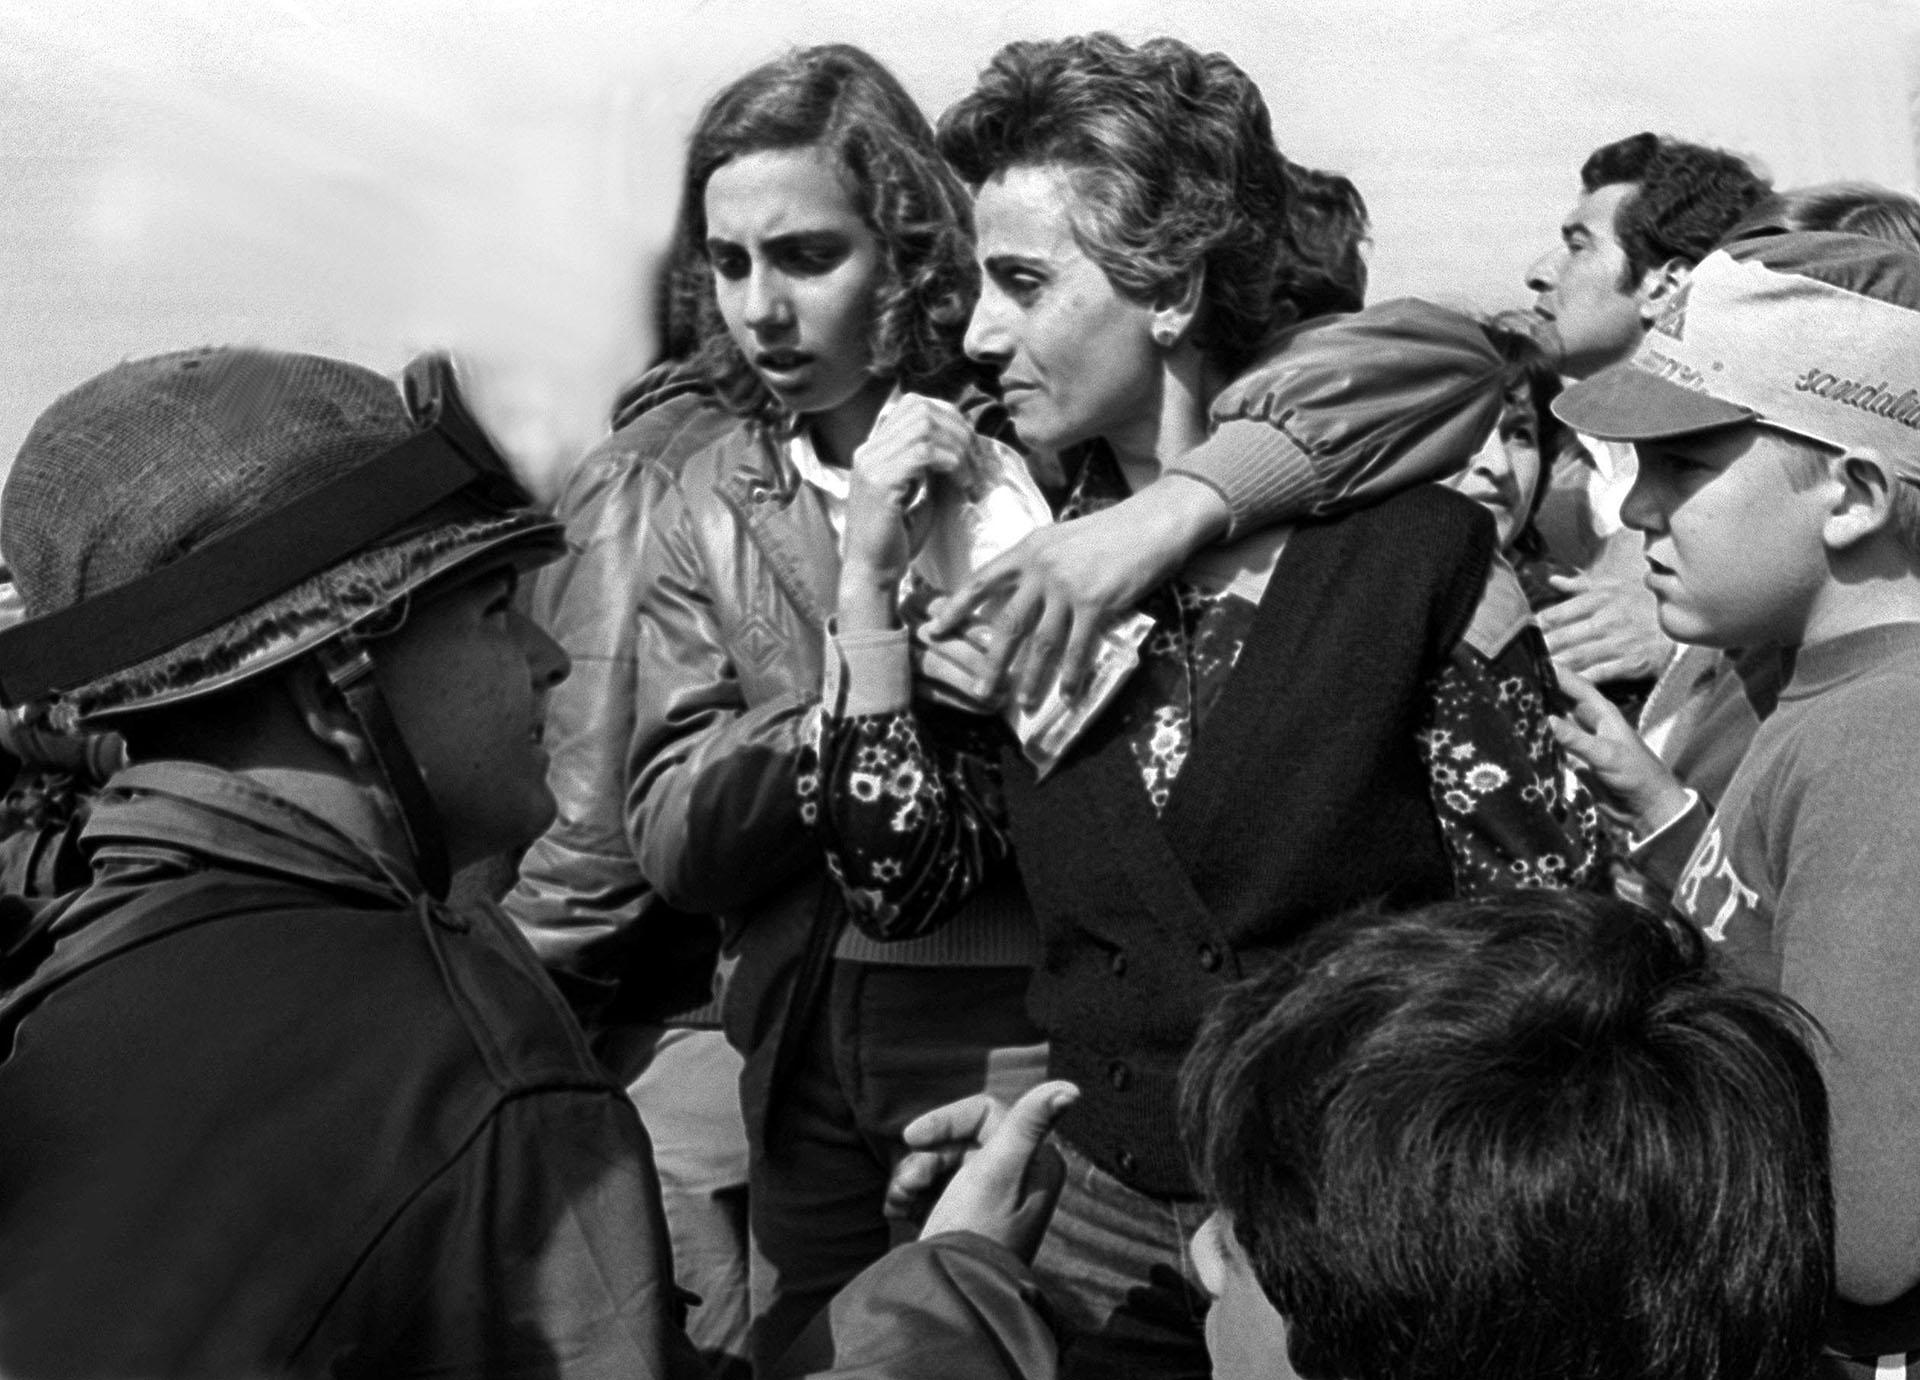 El momento pudo haber sido registrado en cualquier lugar del país. En la estación de ómnibus de la ciudad de Junín, una madre y su hija despiden al ser querido. Intuyen que marcha hacia lo desconocido (Foto: Juan Sandoval).